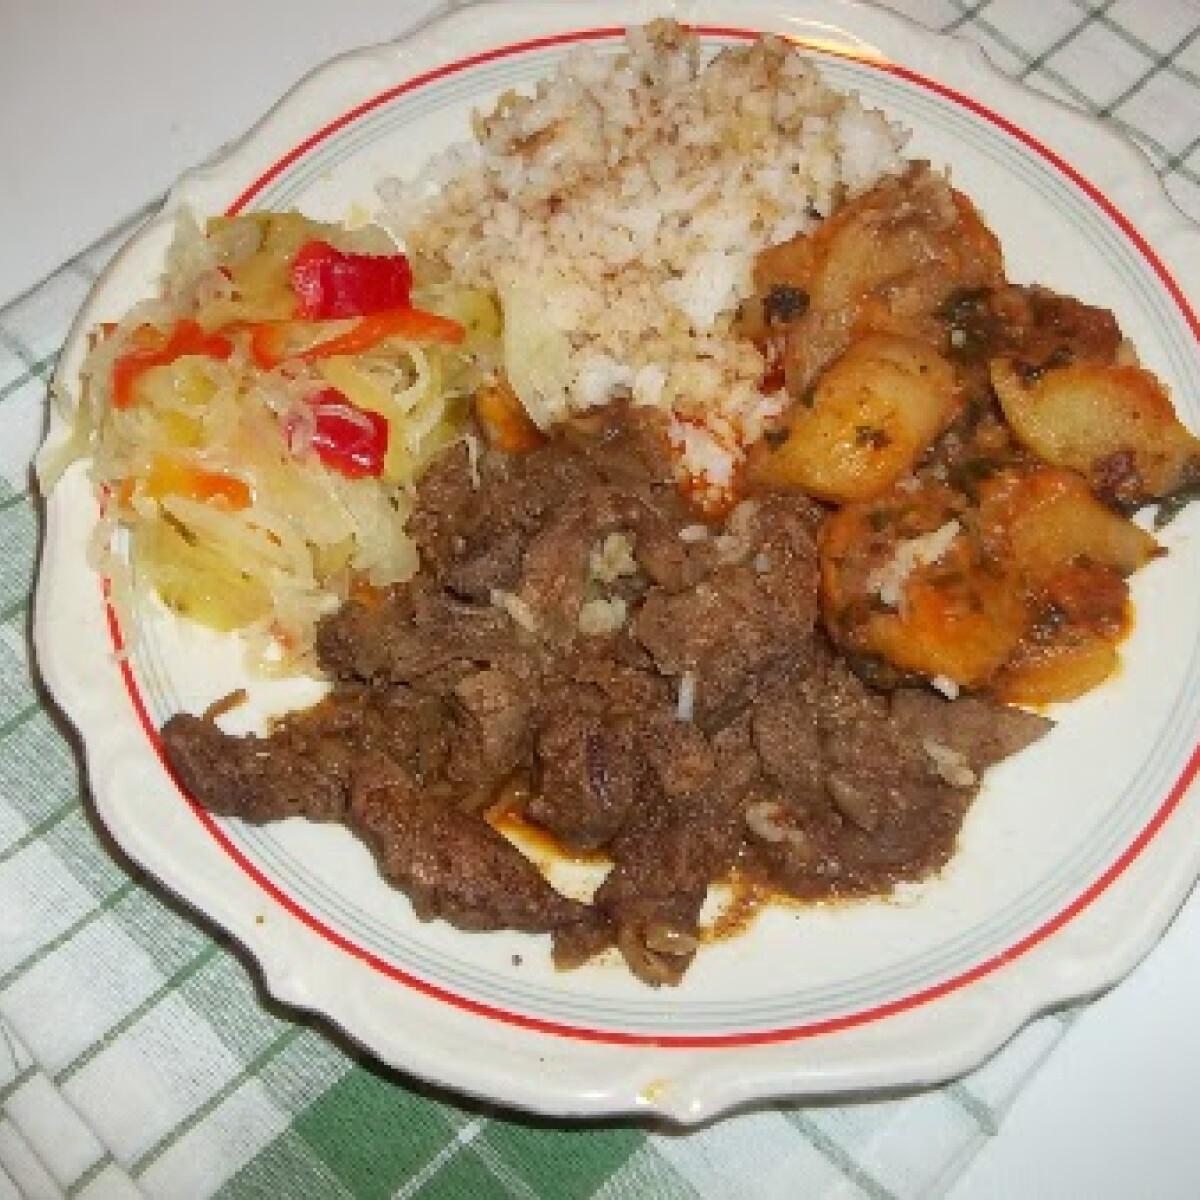 Ezen a képen: Resztelt sertésmáj rizzsel és sült krumplival